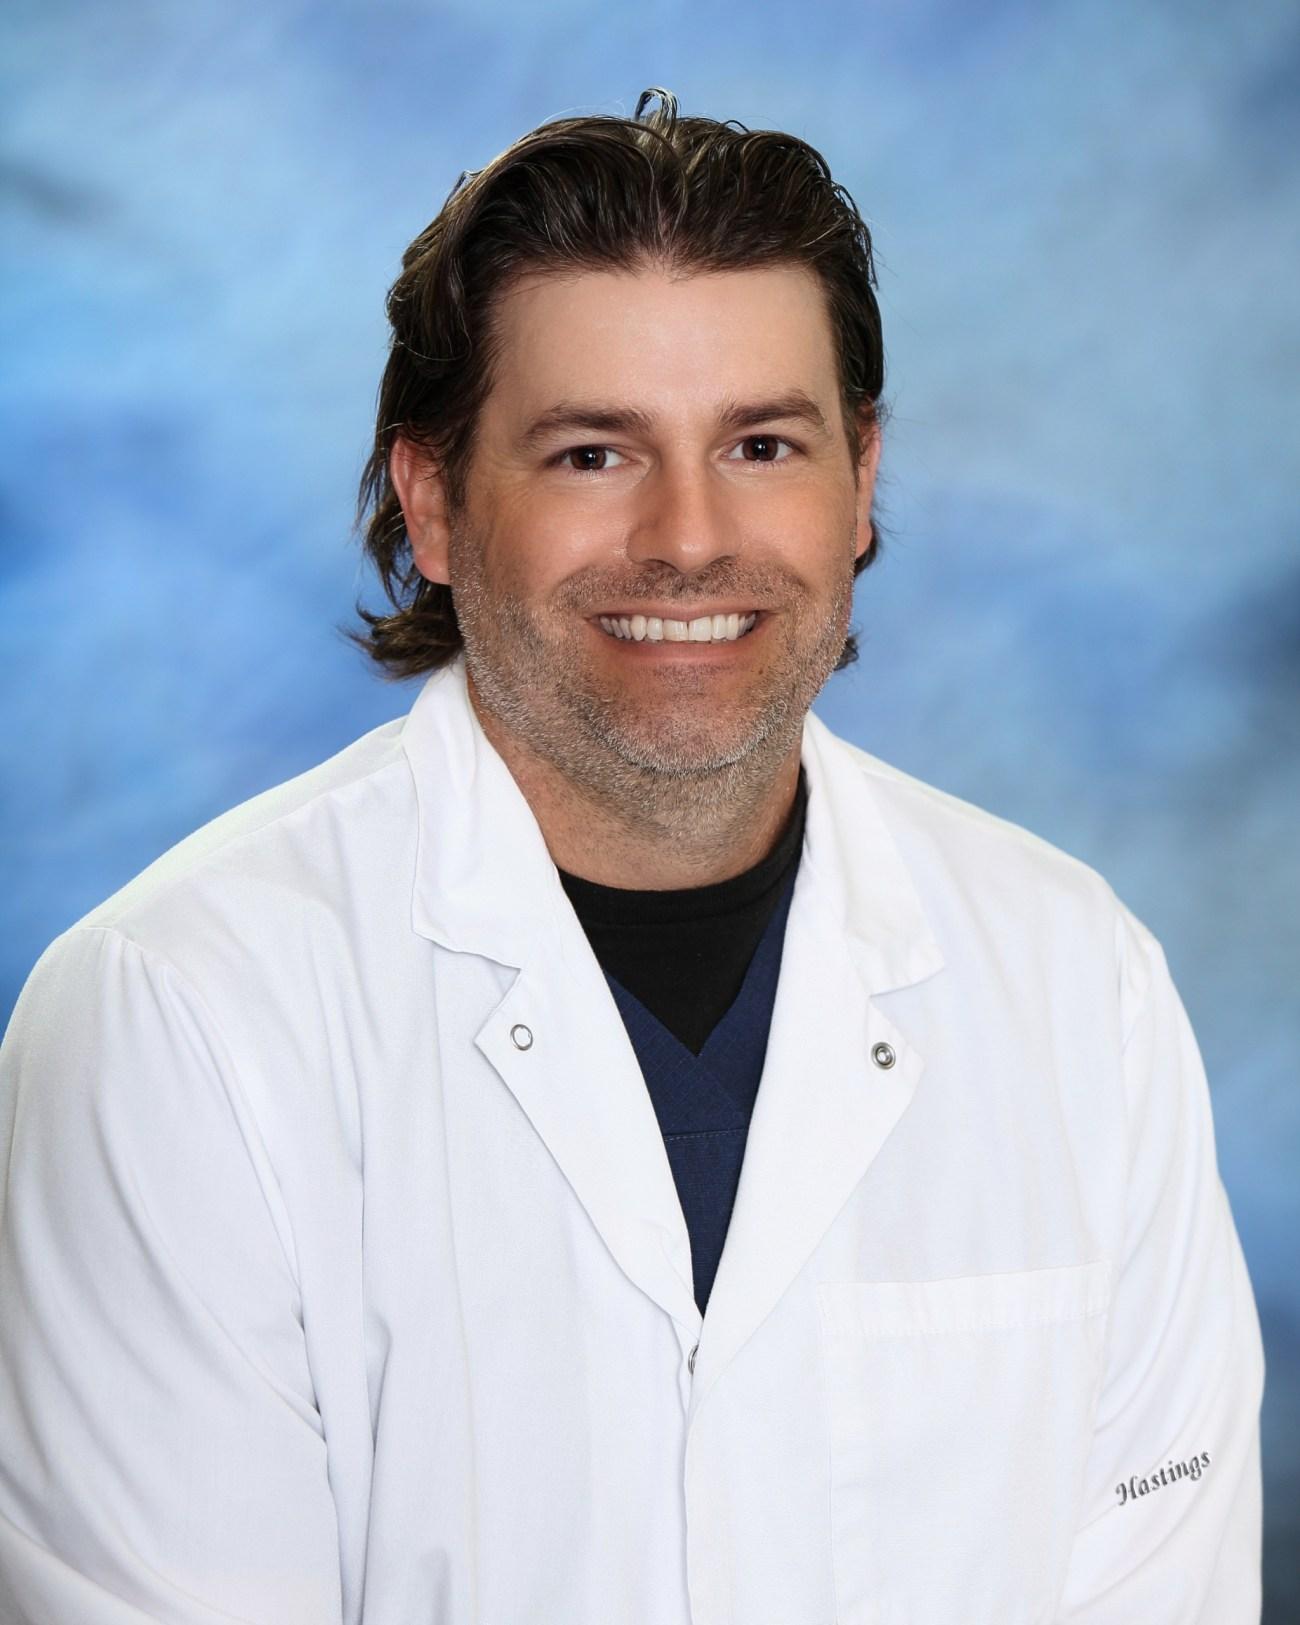 Dr. Kevin Fallert, DDS